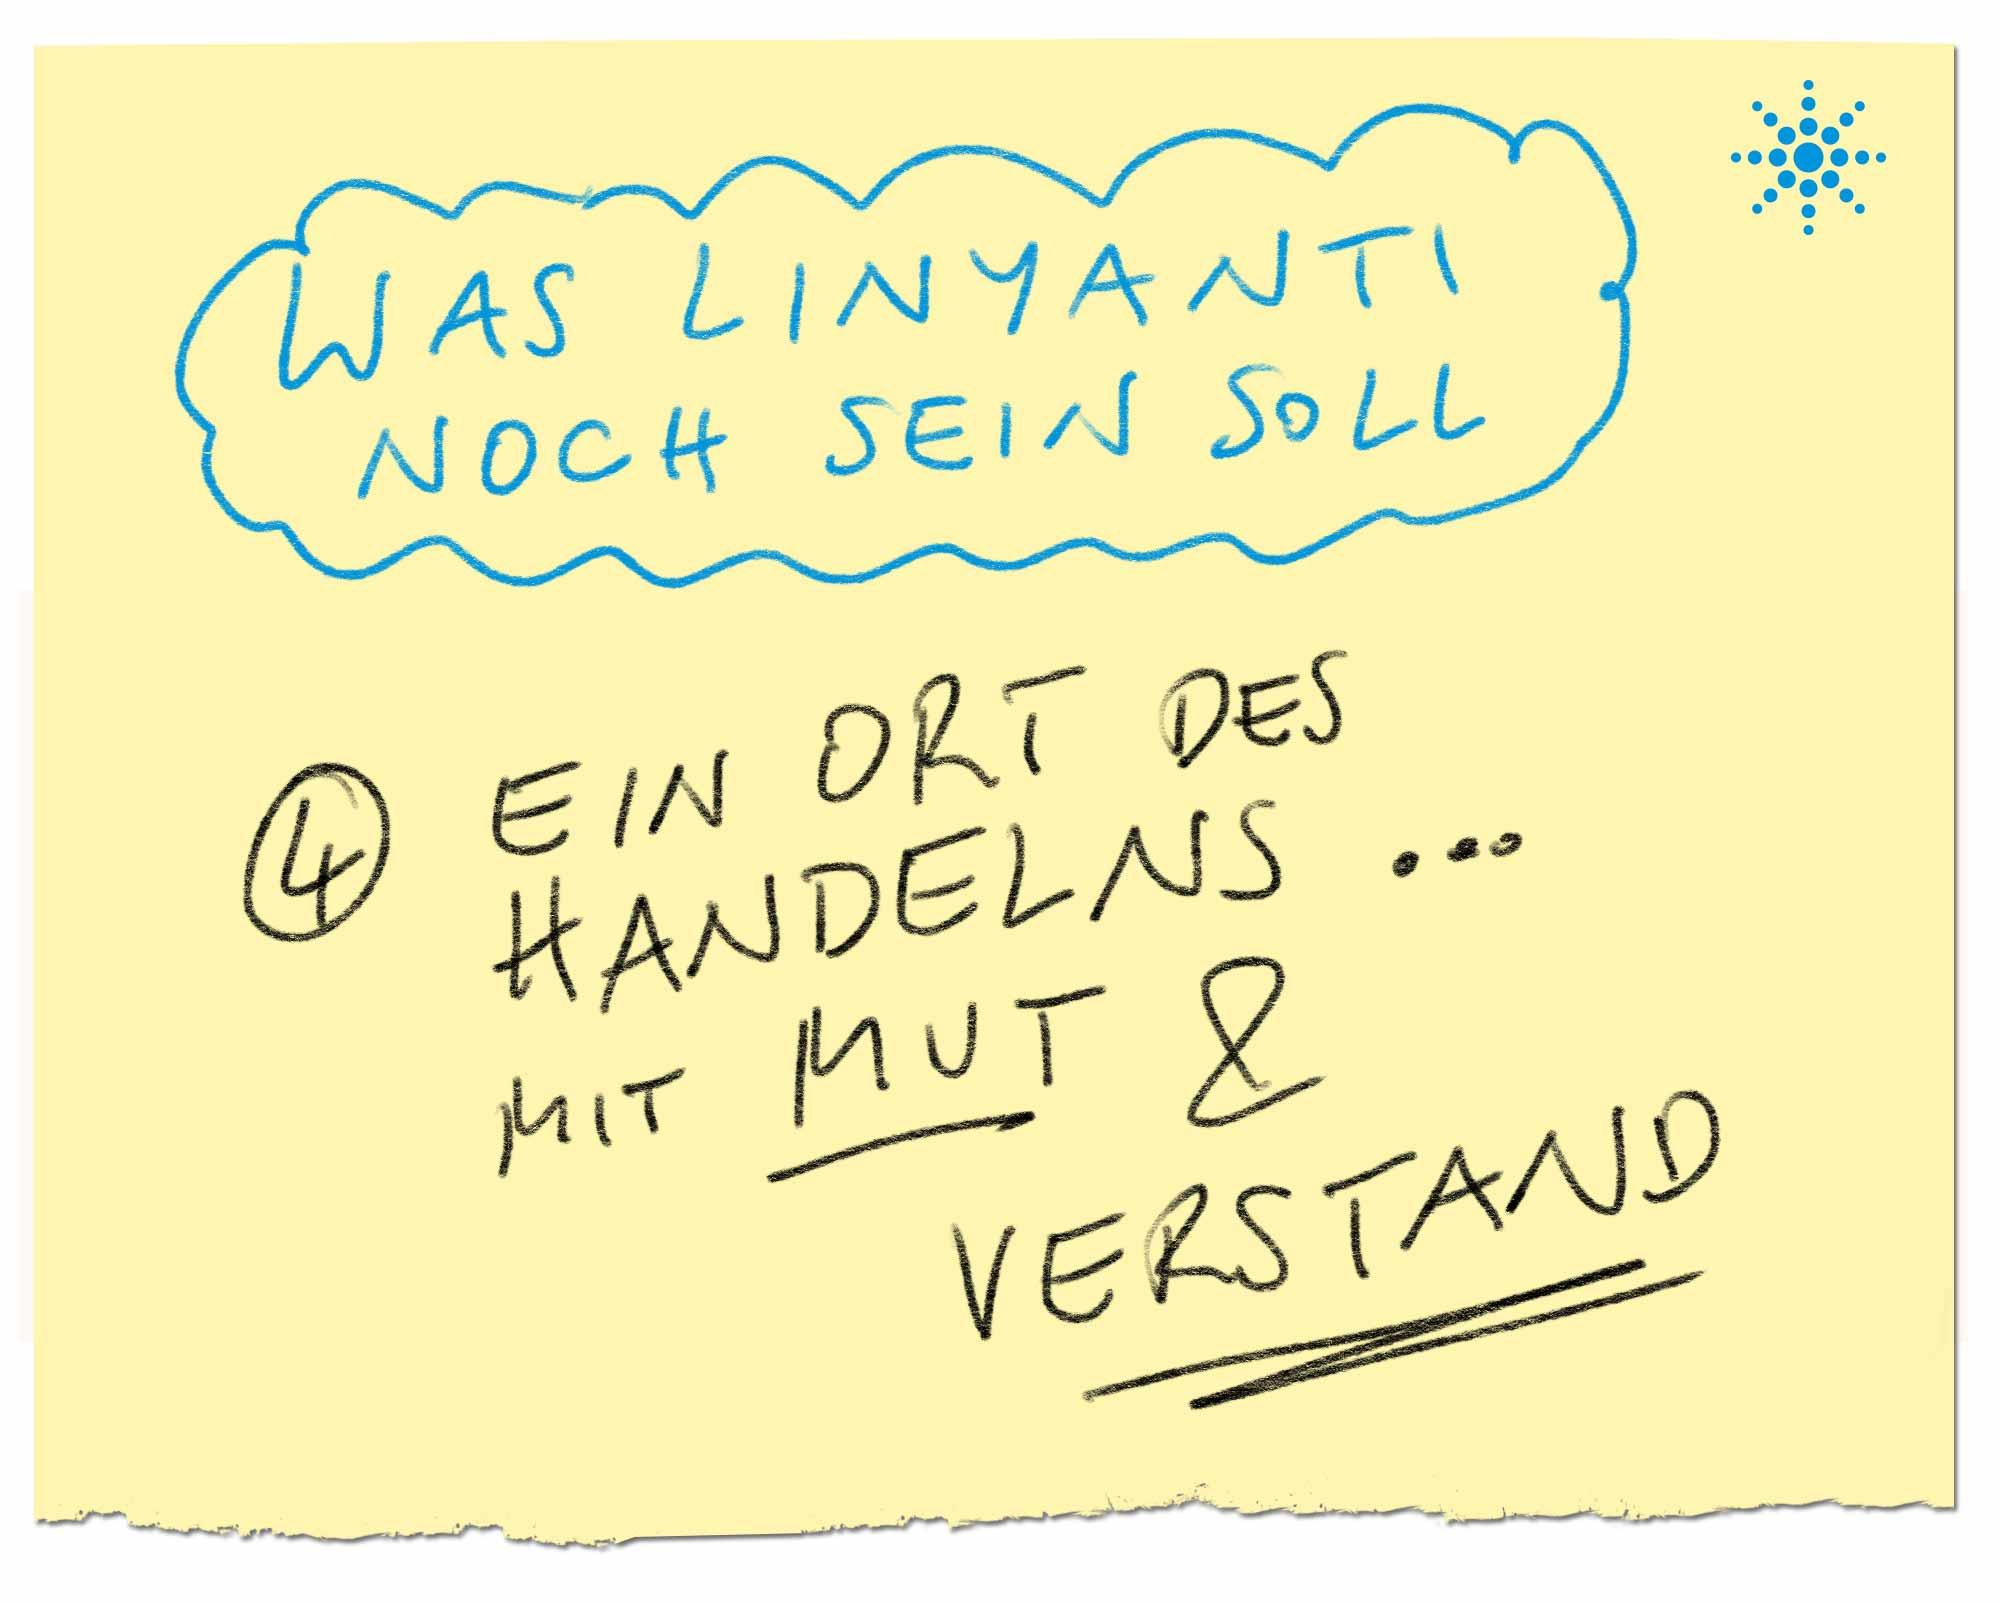 Linyanti-Institut_vision-4.jpg